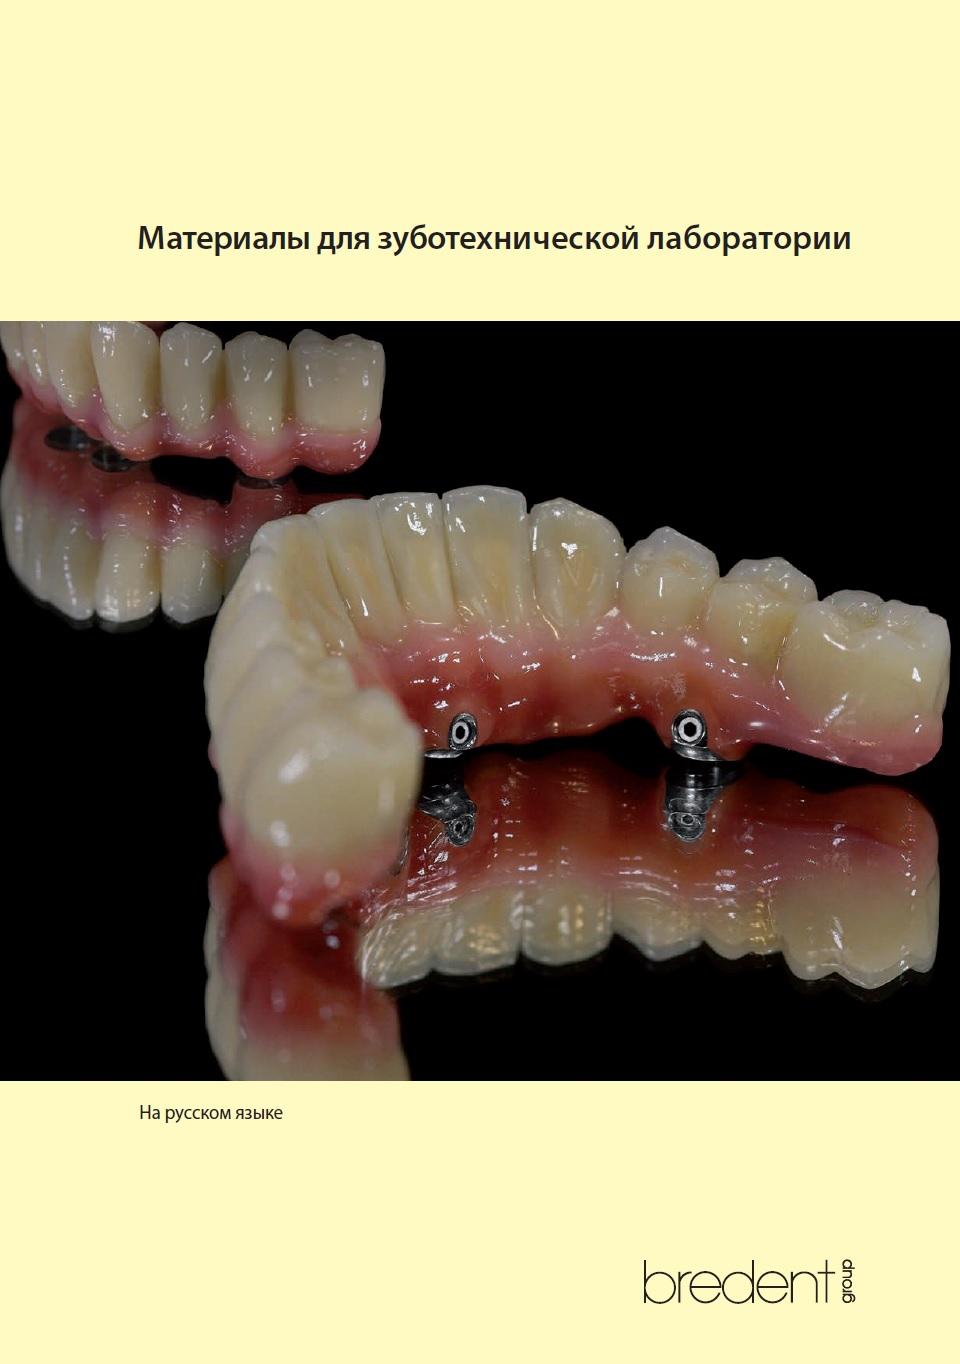 Материалы для зуботехнической лаборатории. Общий каталог